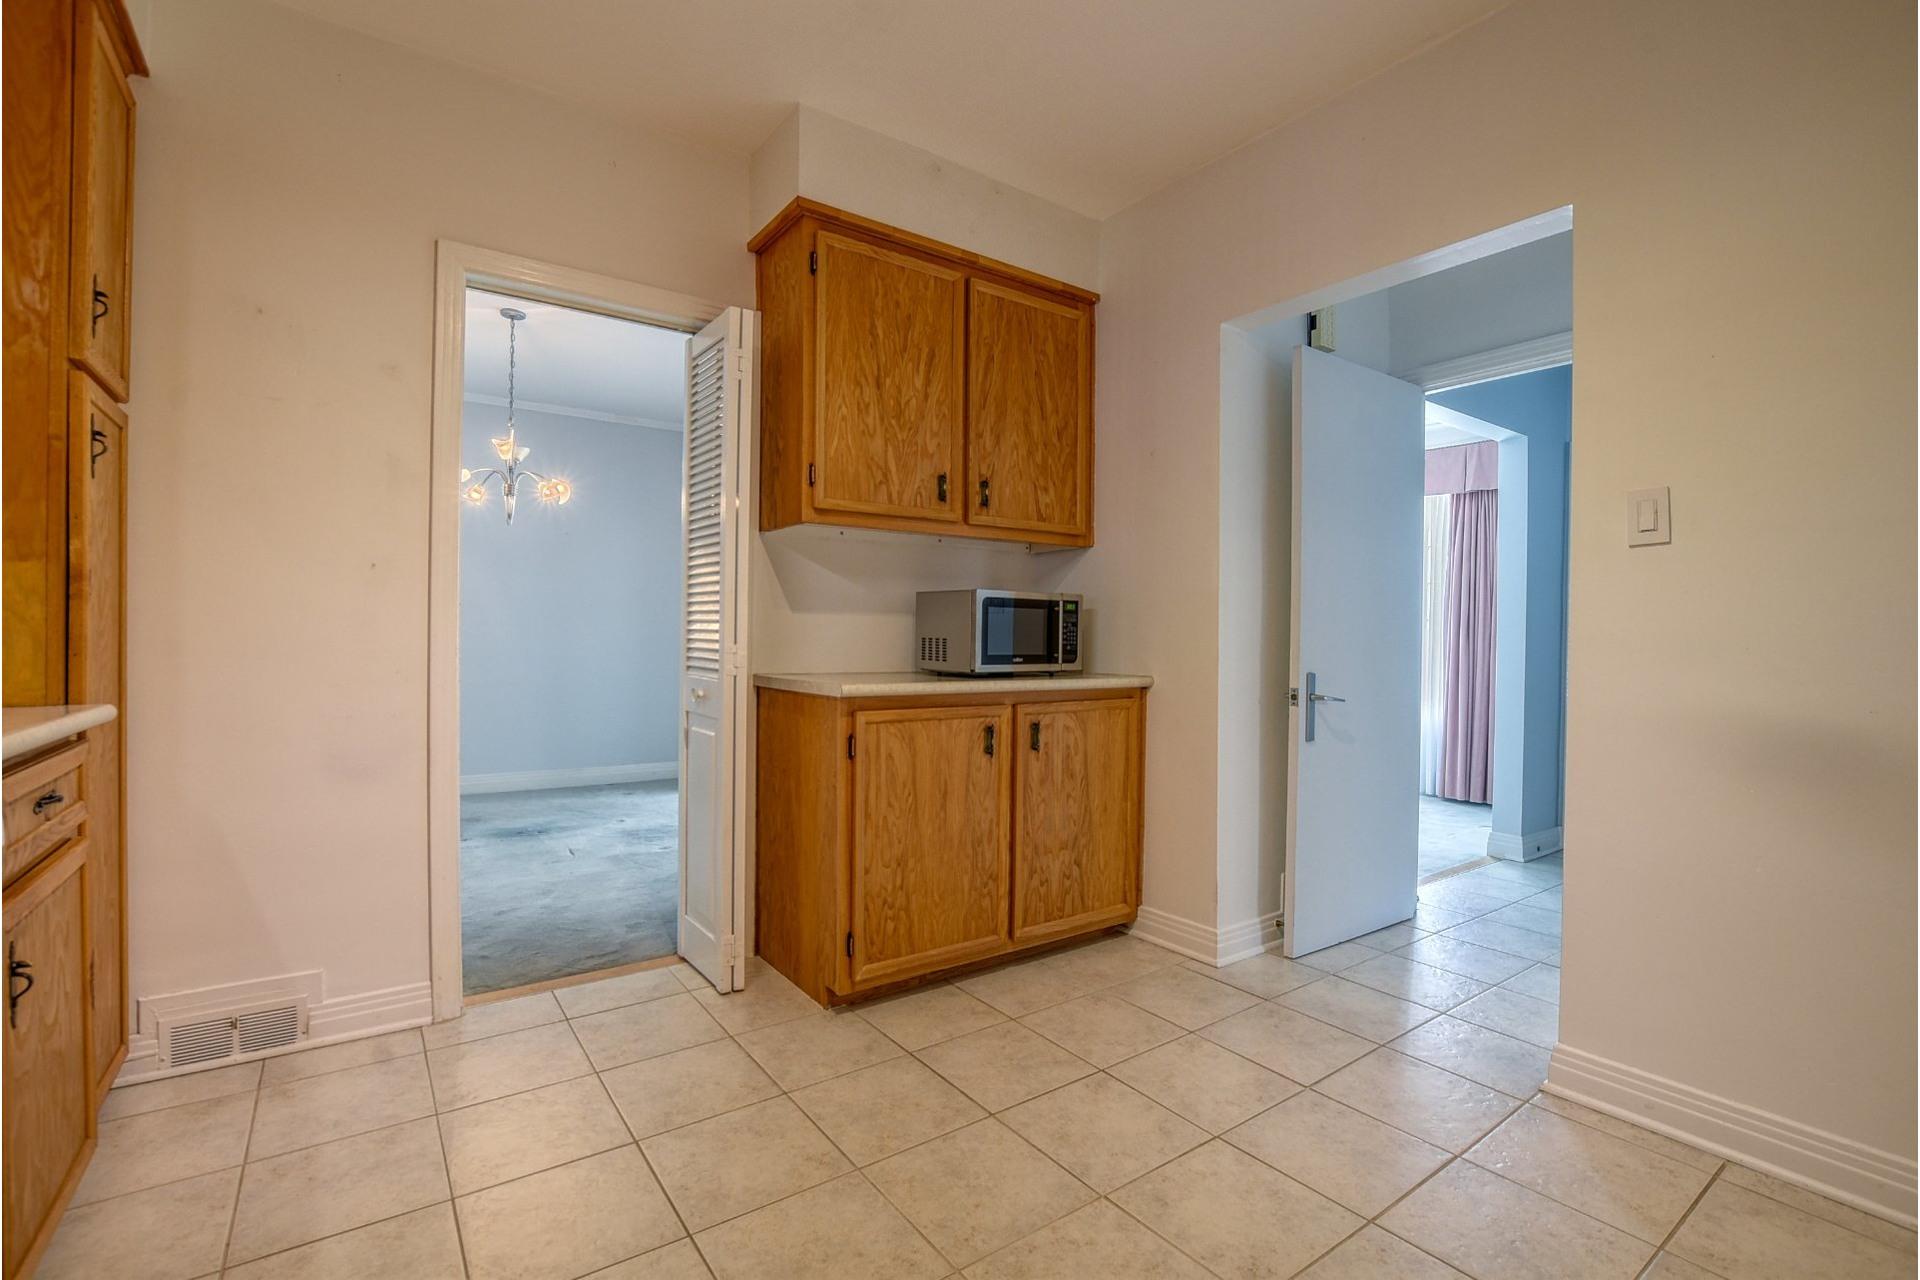 image 9 - House For sale Saint-Laurent Montréal  - 7 rooms